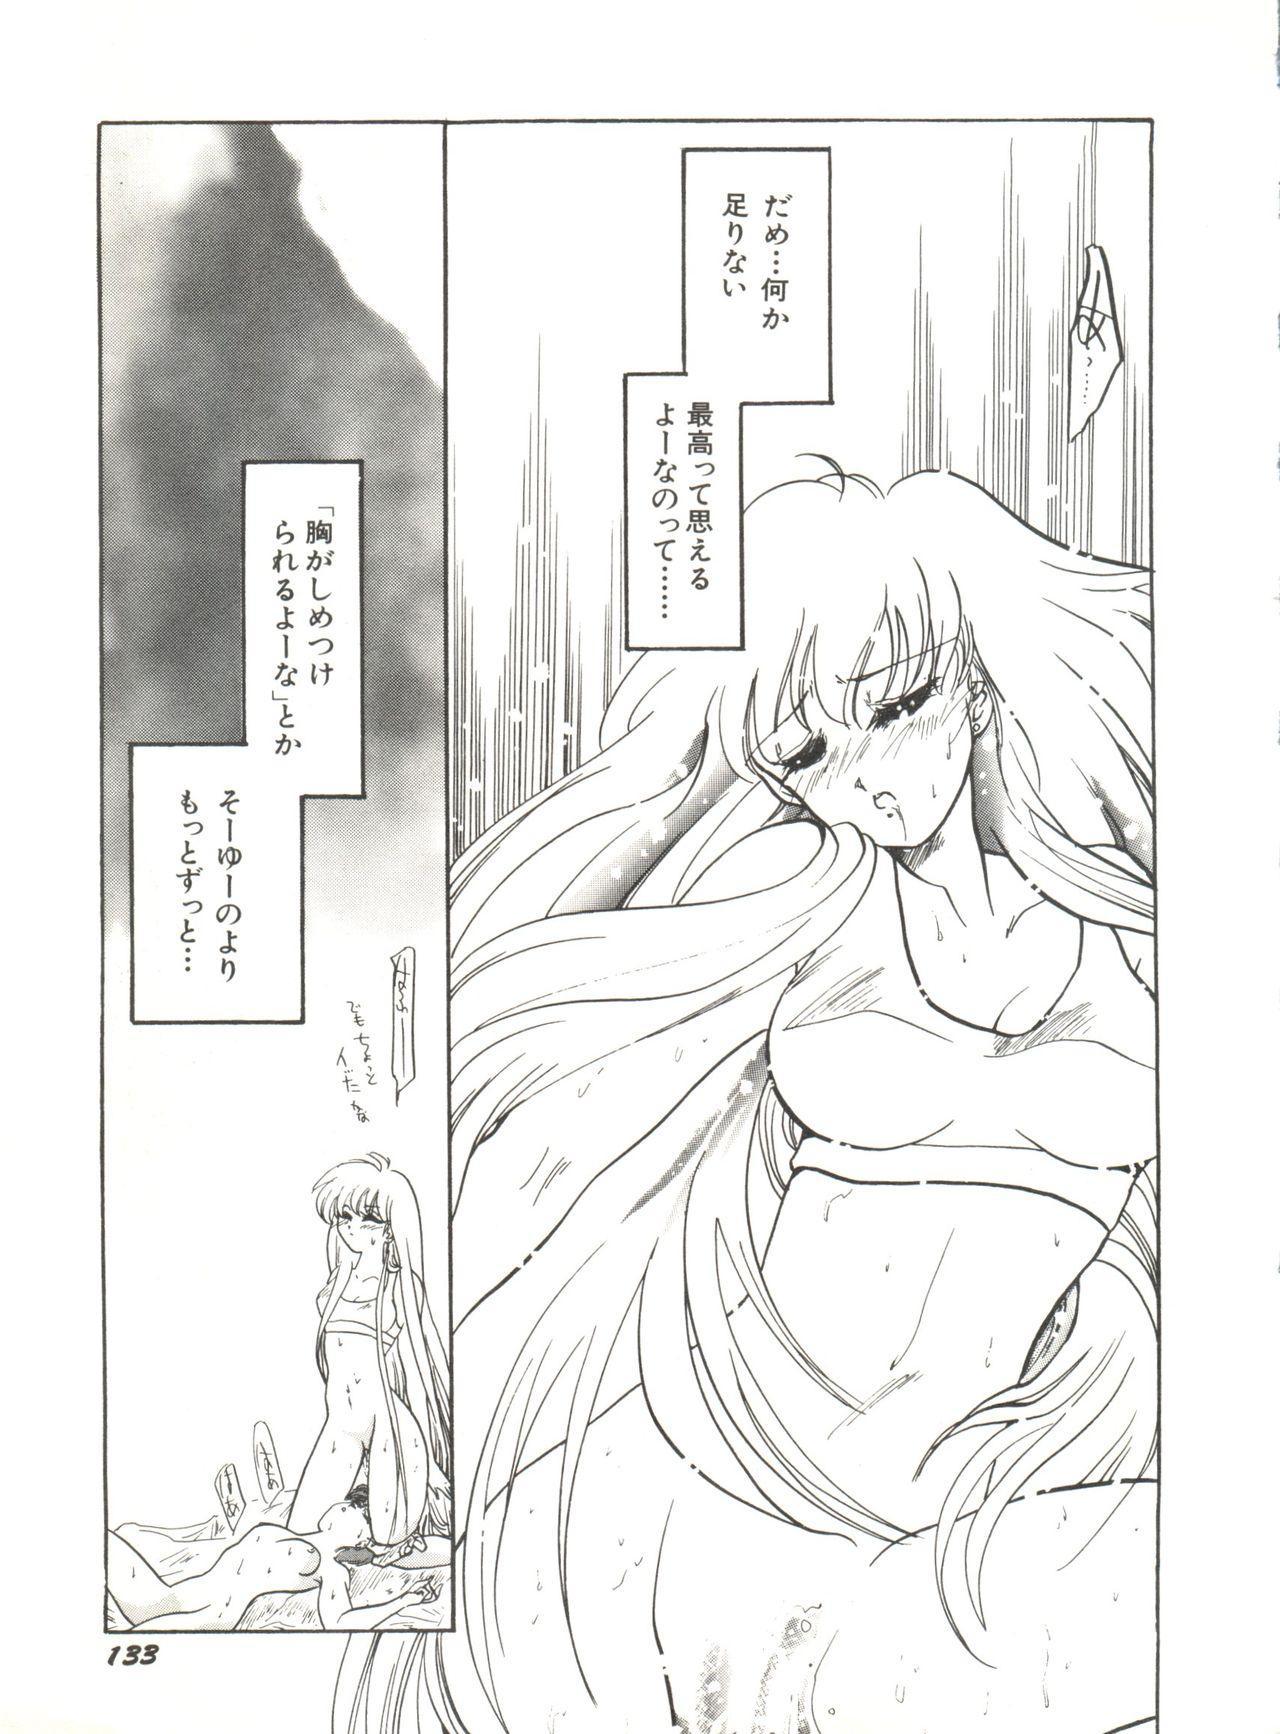 Bishoujo Doujinshi Anthology 12 - Moon Paradise 7 Tsuki no Rakuen 137